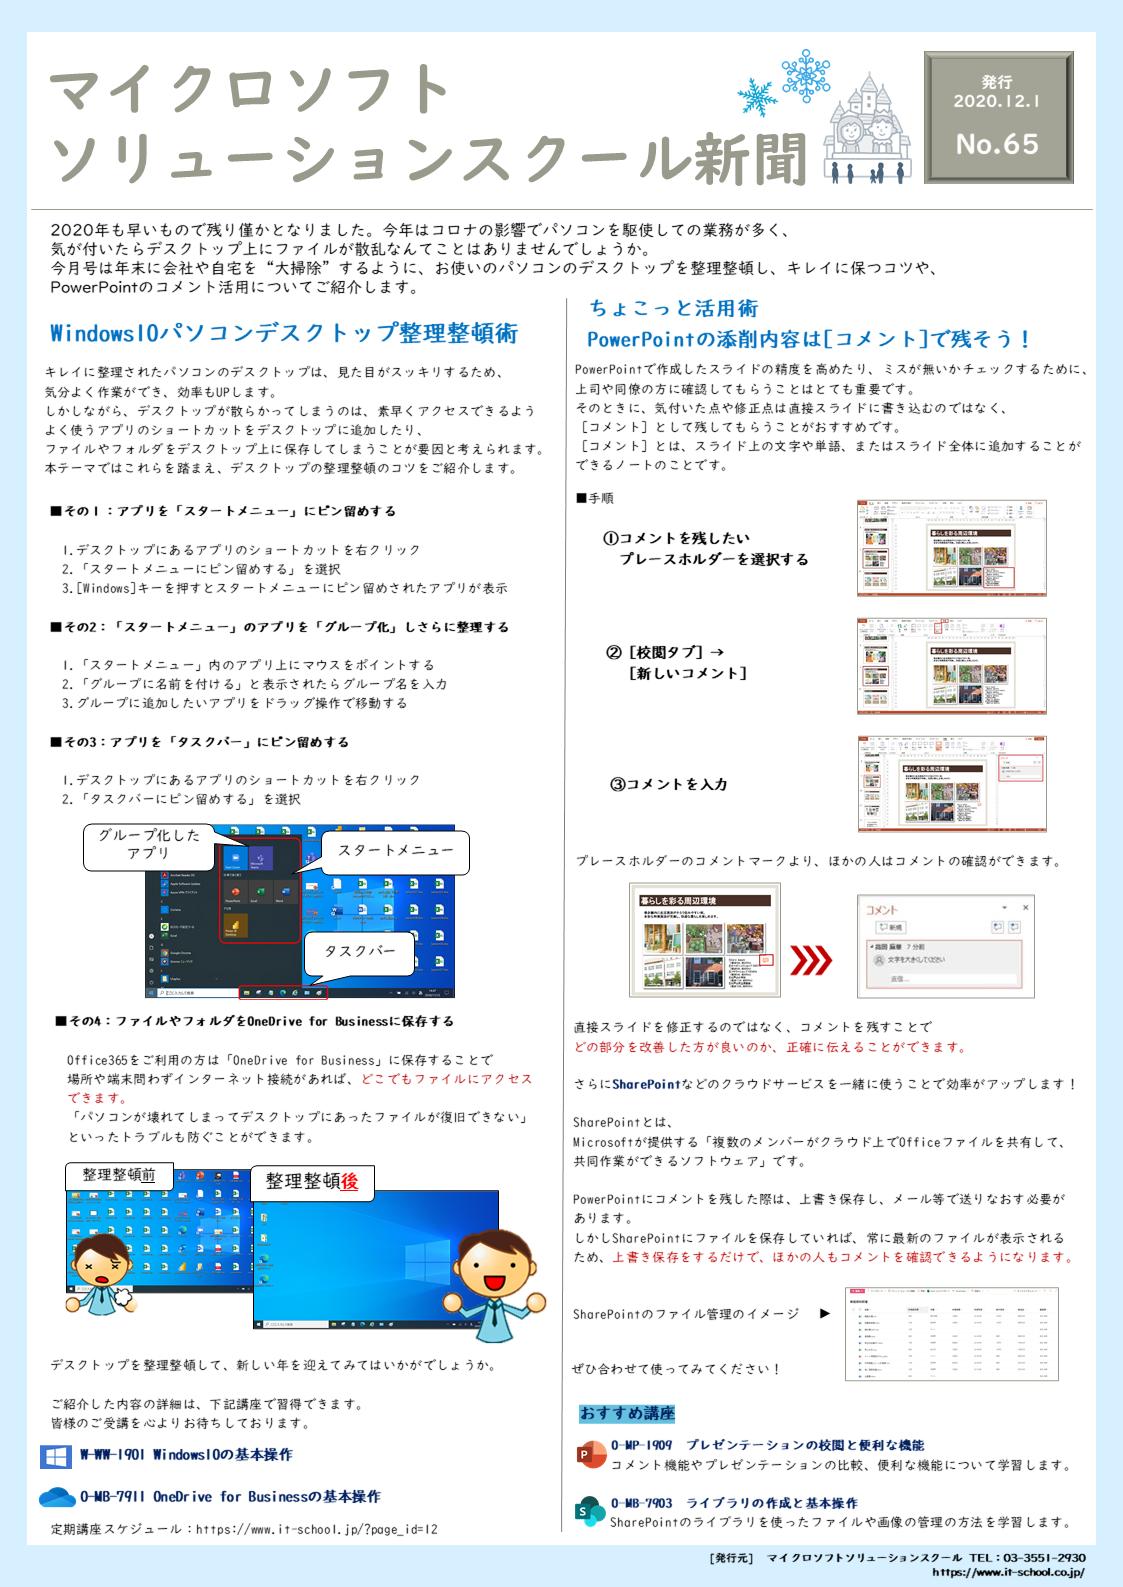 マイクロソフトソリューションスクール新聞